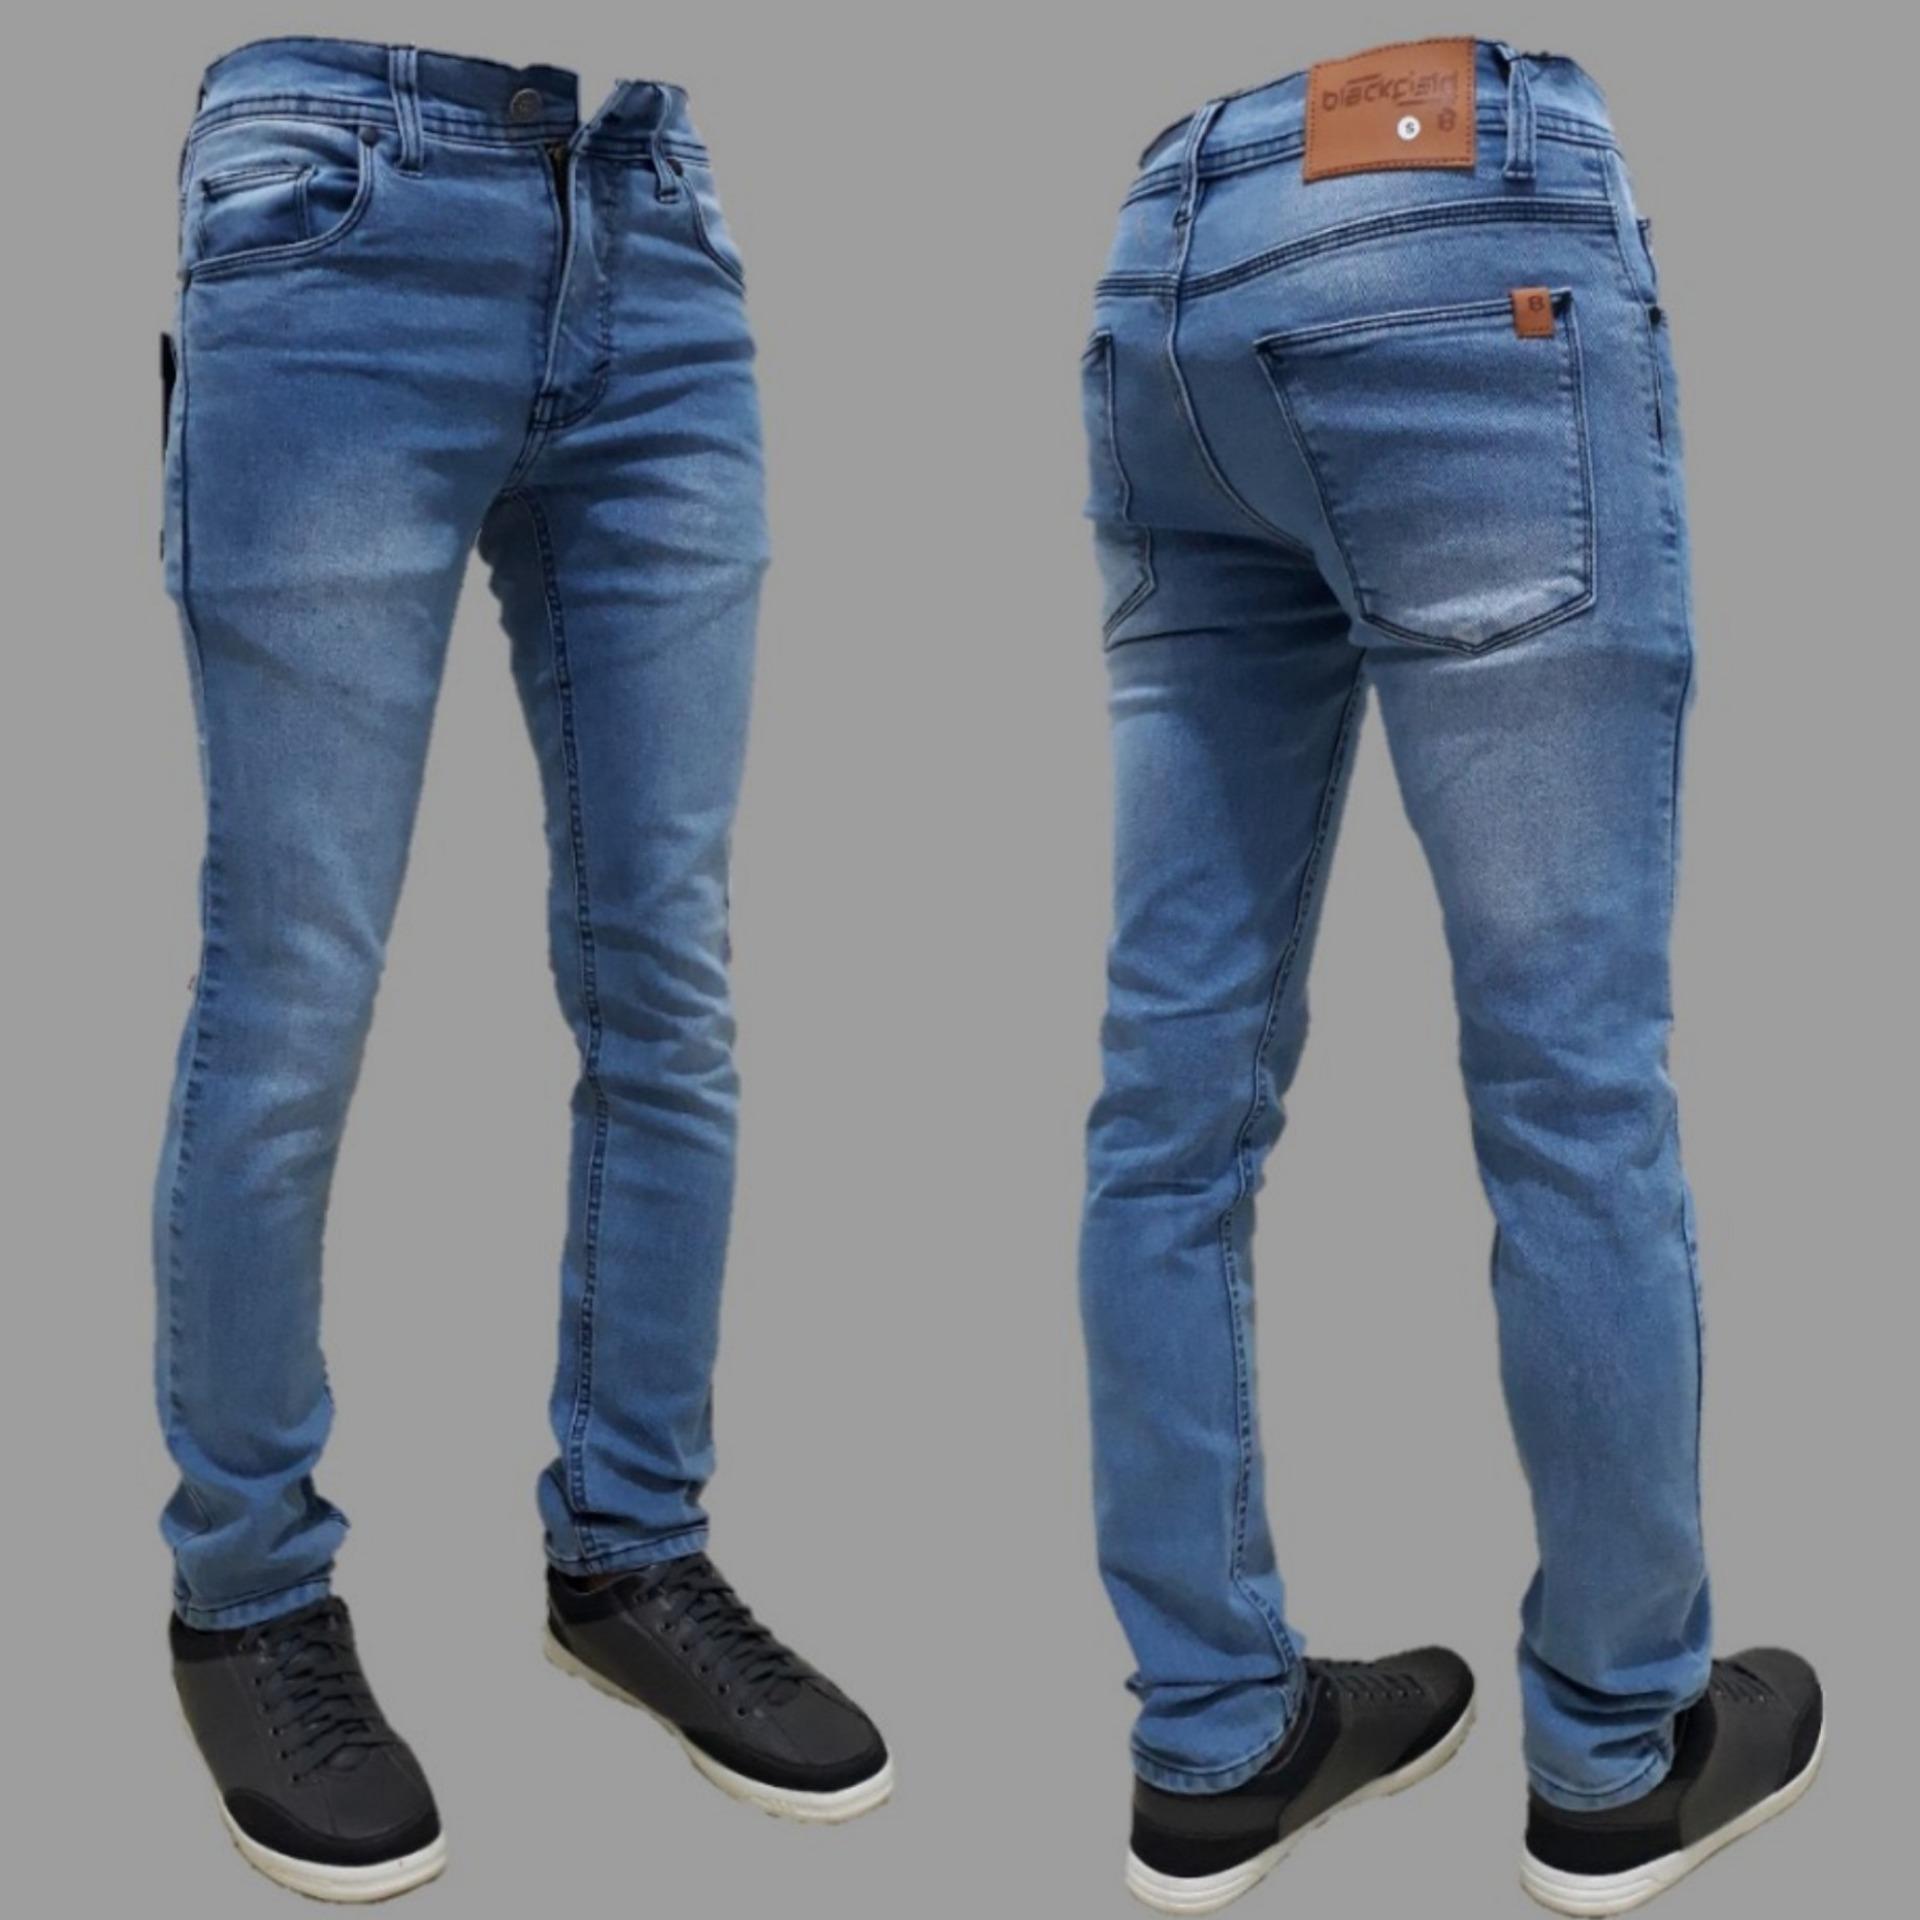 Celana jeans pria / jeans skinny / jeans pensil / jeans slim fit pria